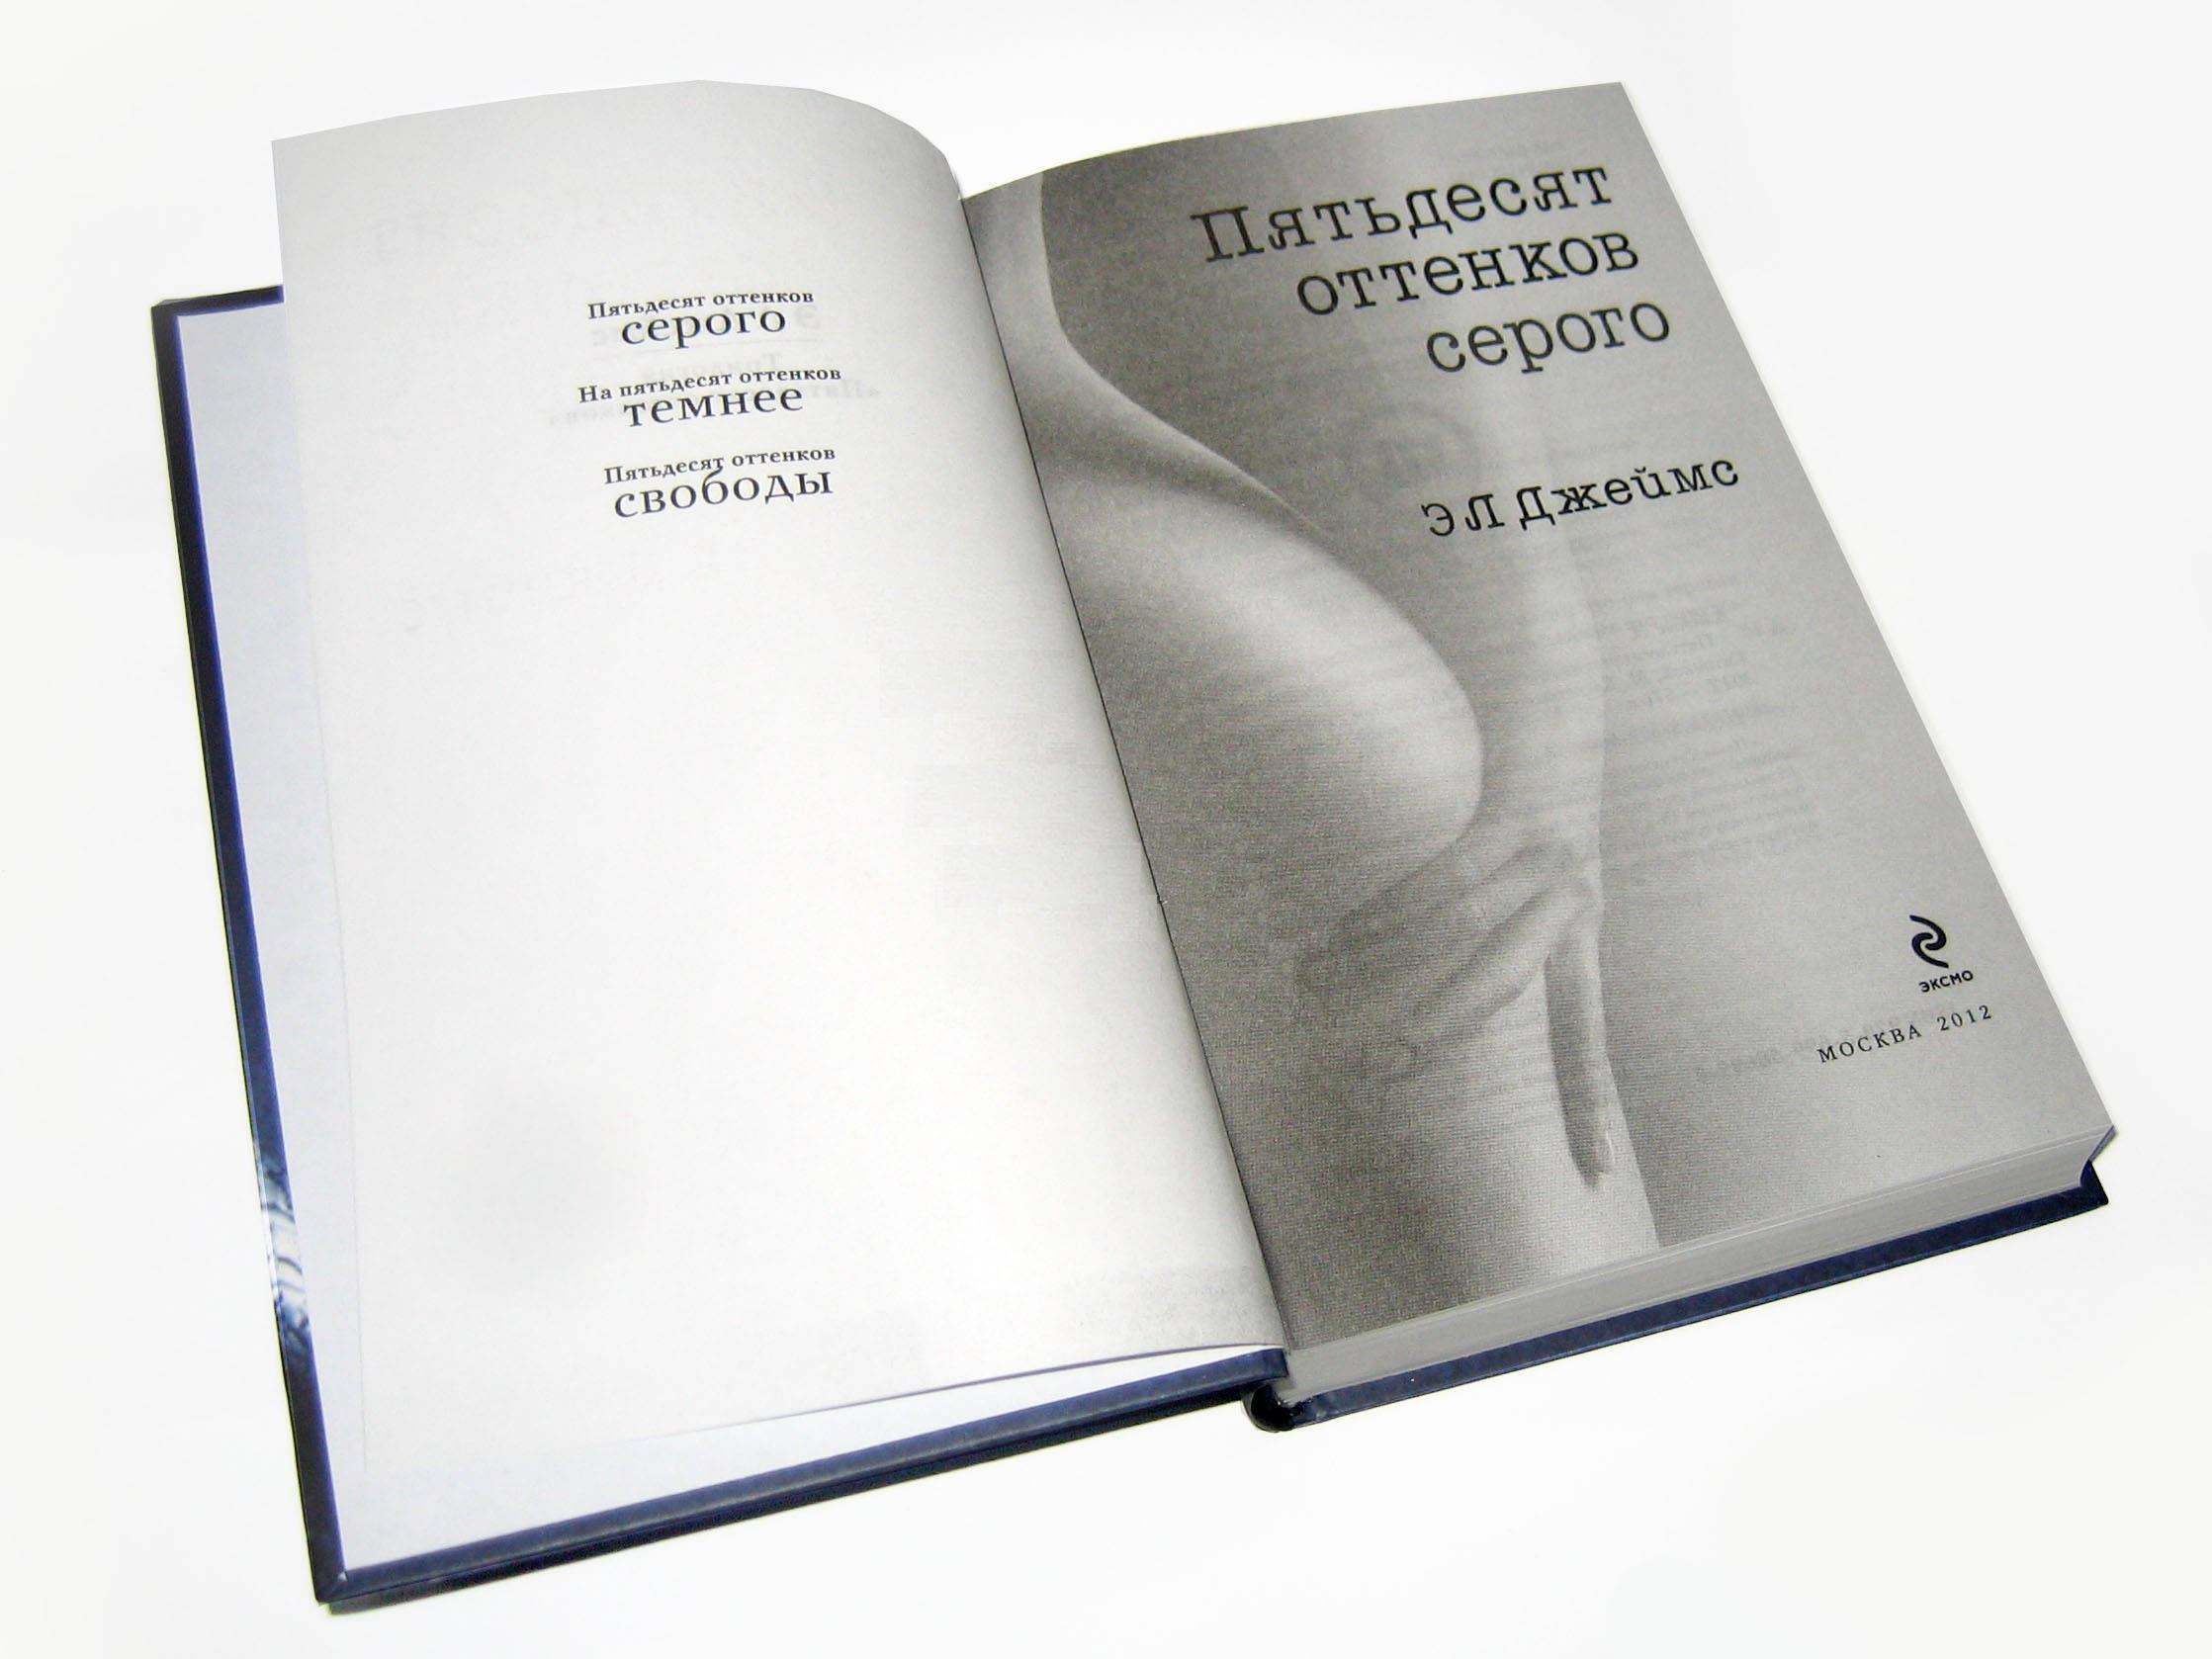 95319513 Мужчины не читают книги, написанные женщинами?